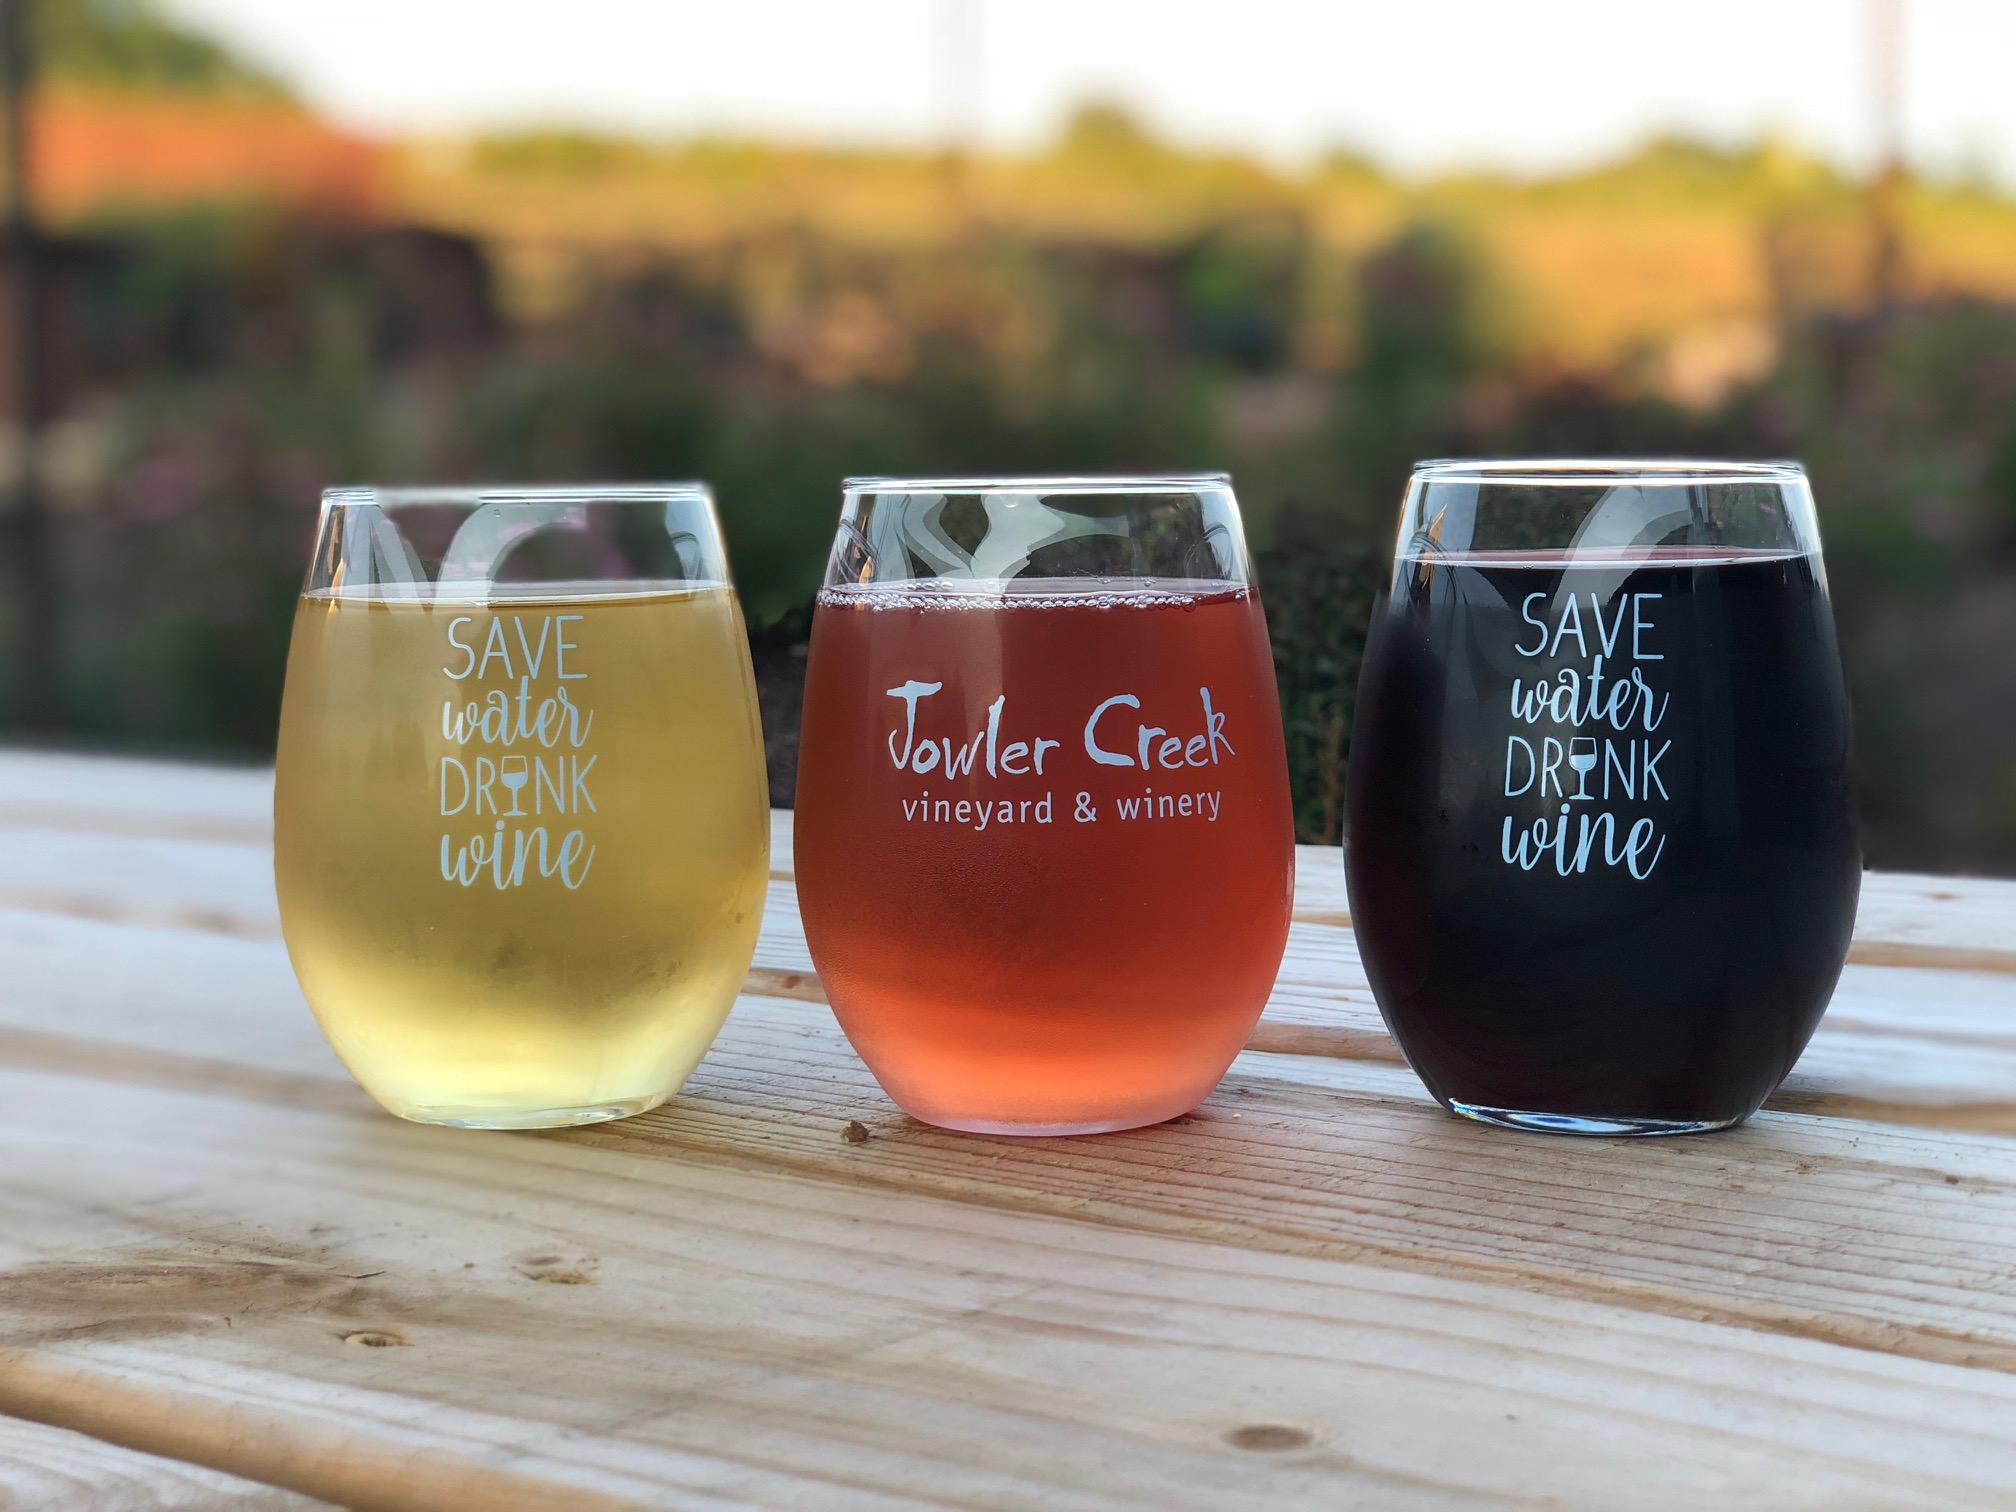 jowler-creek-wine-glass.jpg